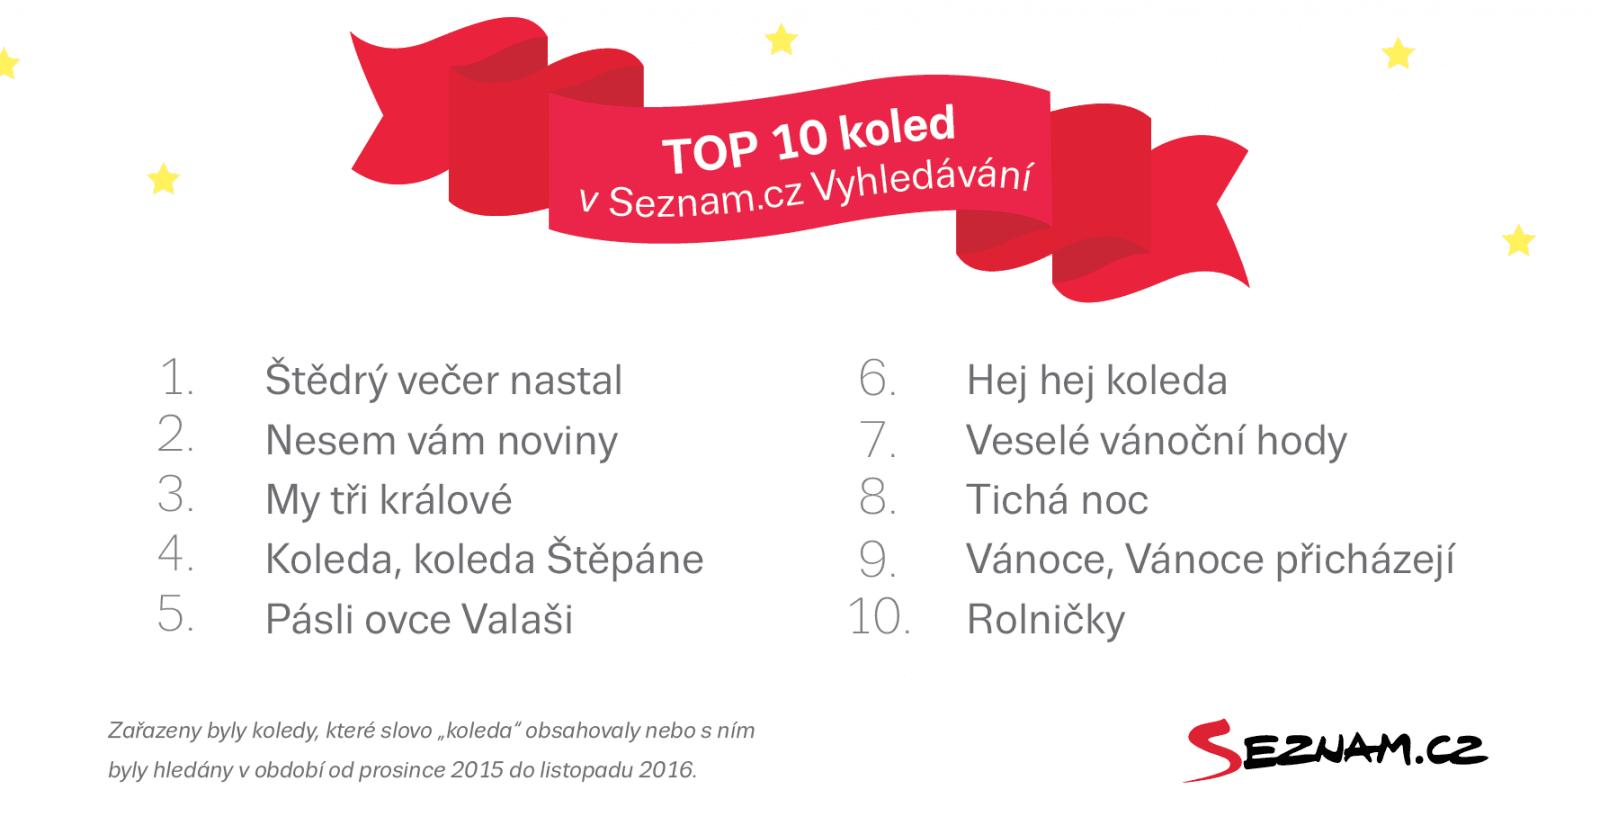 1b1be2ed99 Podle vyhledávání na Seznamu v Česku vládne pořád Ježíšek. Santa je ...